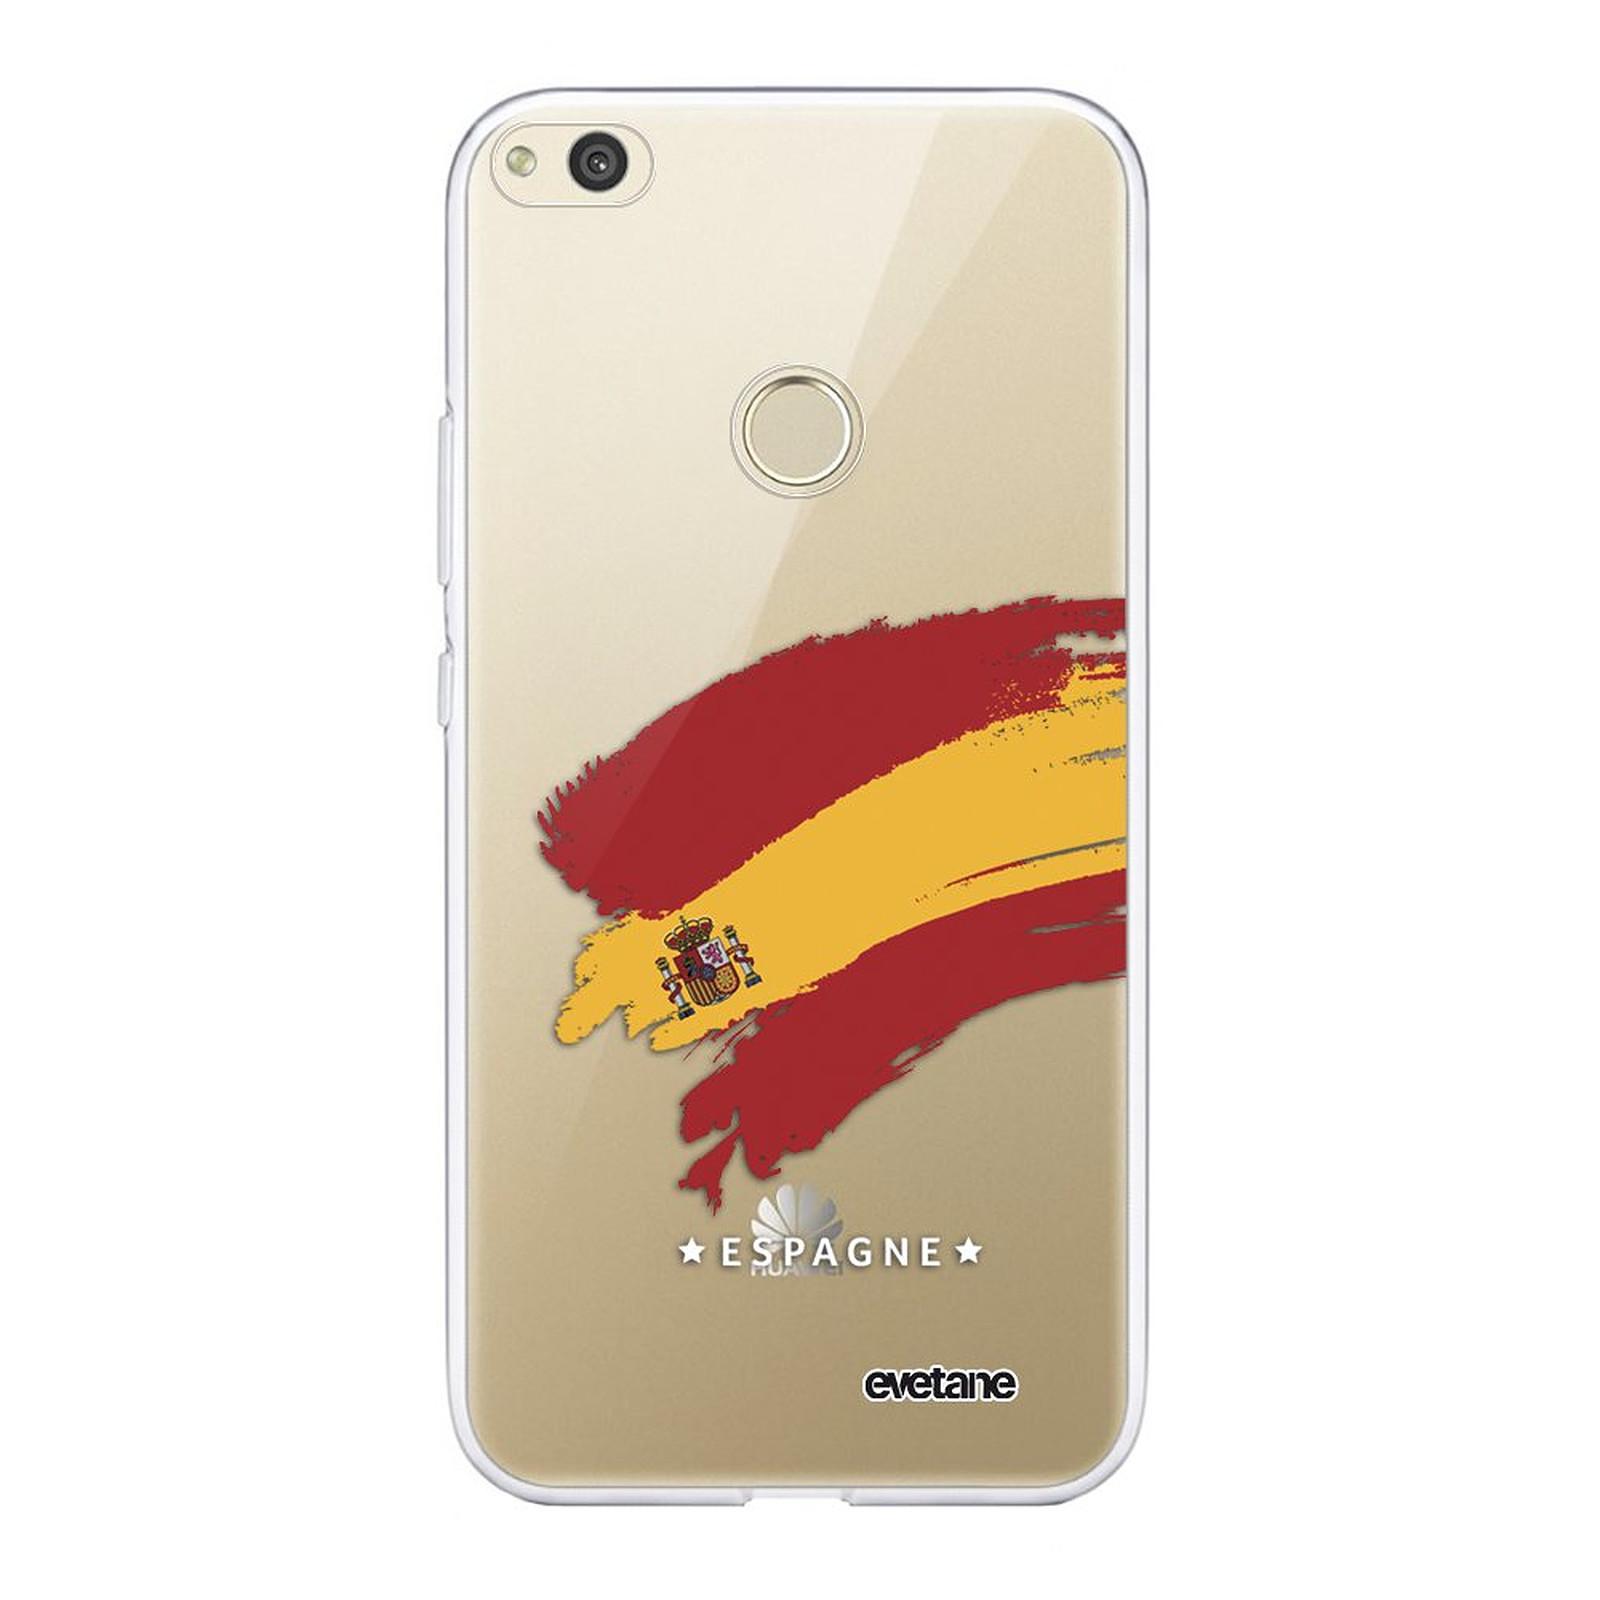 EVETANE Coque Huawei P8 lite 2017 souple transparente Espagne - Coque téléphone Evetane sur LDLC